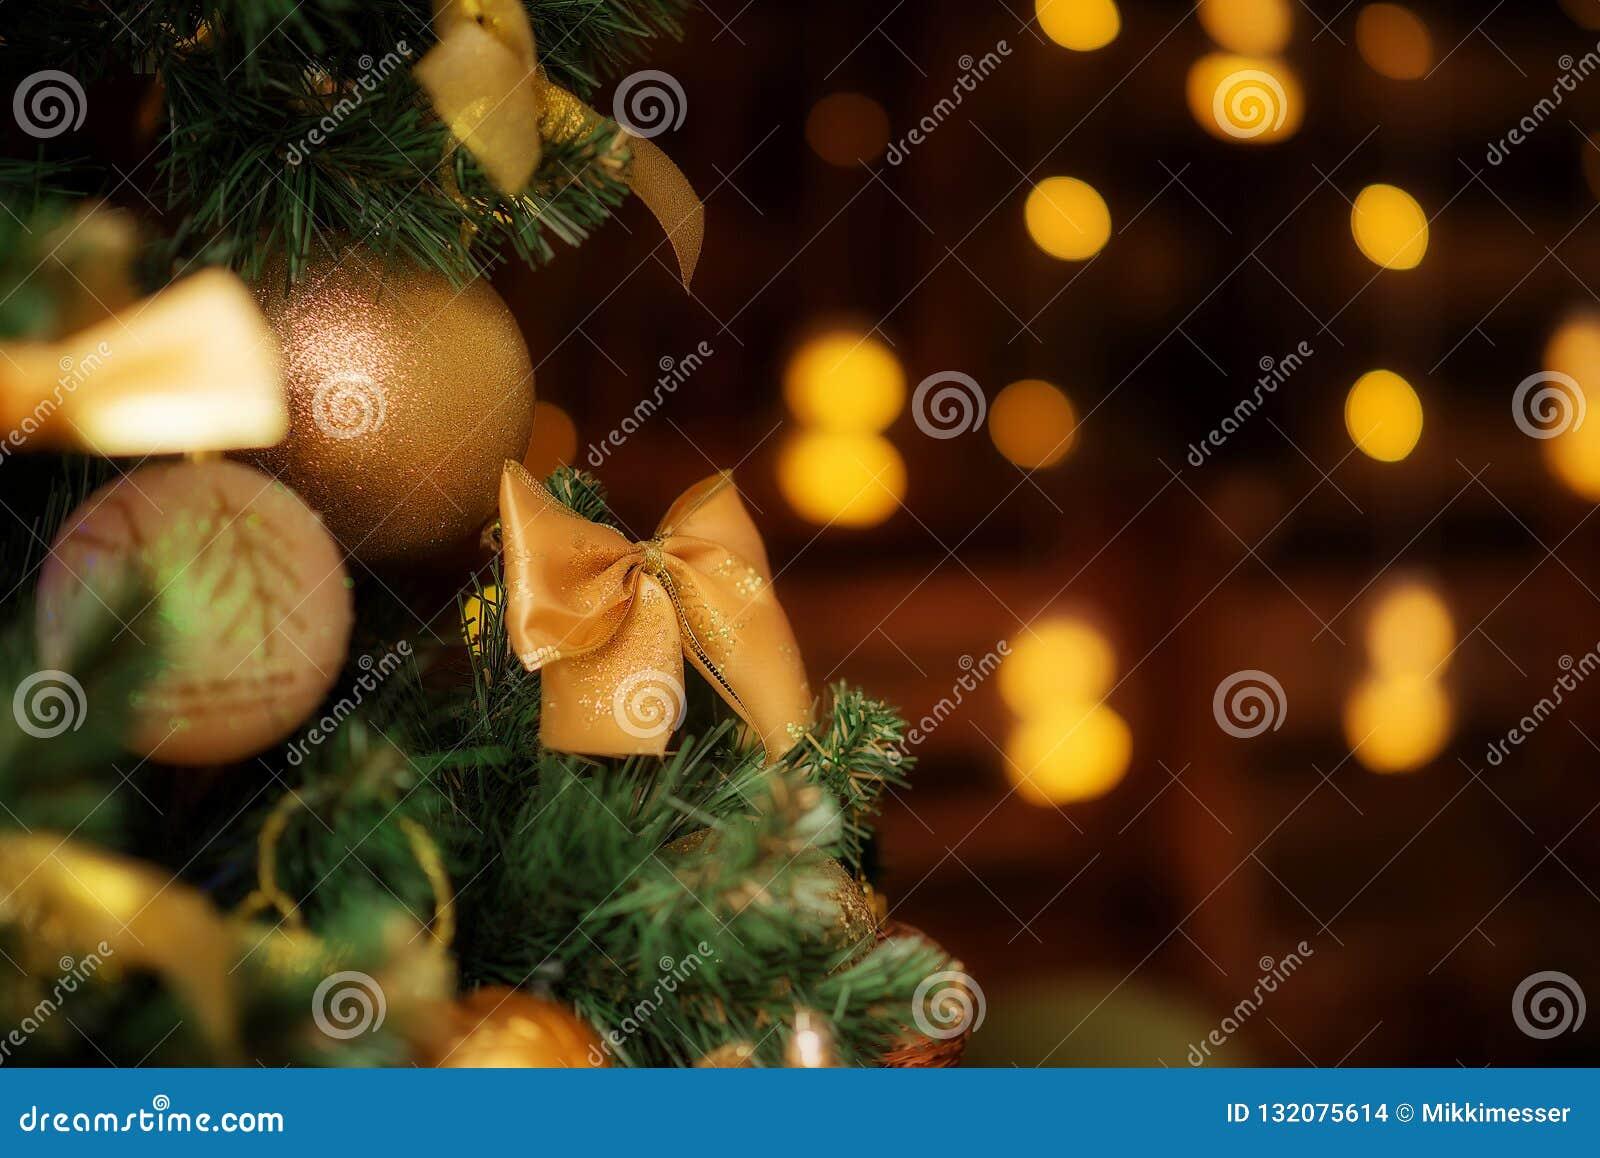 Κινηματογράφηση σε πρώτο πλάνο χριστουγεννιάτικων δέντρων με τις διακοσμήσεις: χρυσές τόξο και σφαίρες Θολωμένα φω τα στο υπόβαθρ